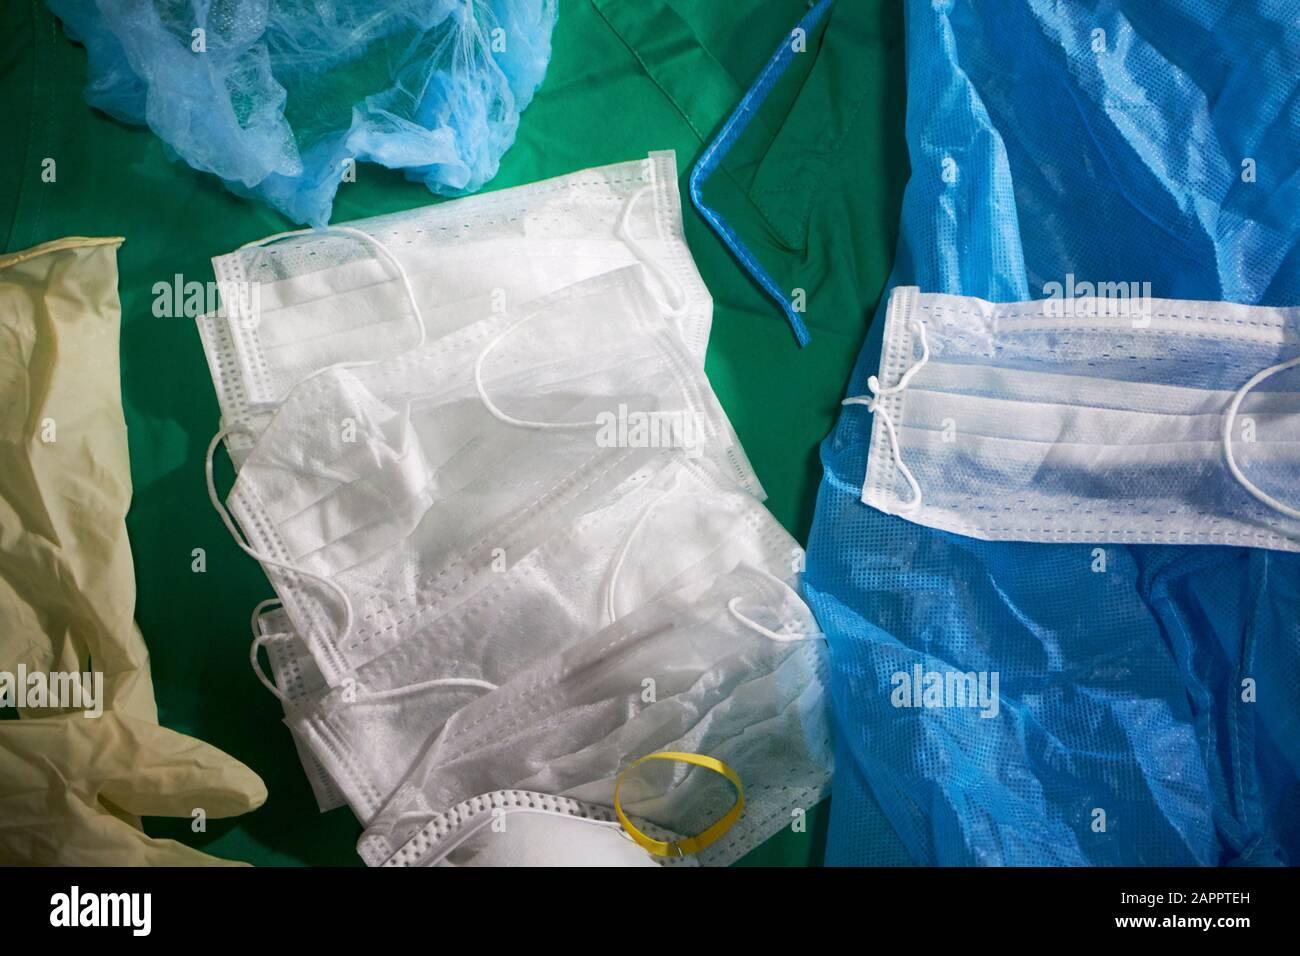 suministro de mascarillas faciales y equipo desechable médico ppe Foto de stock